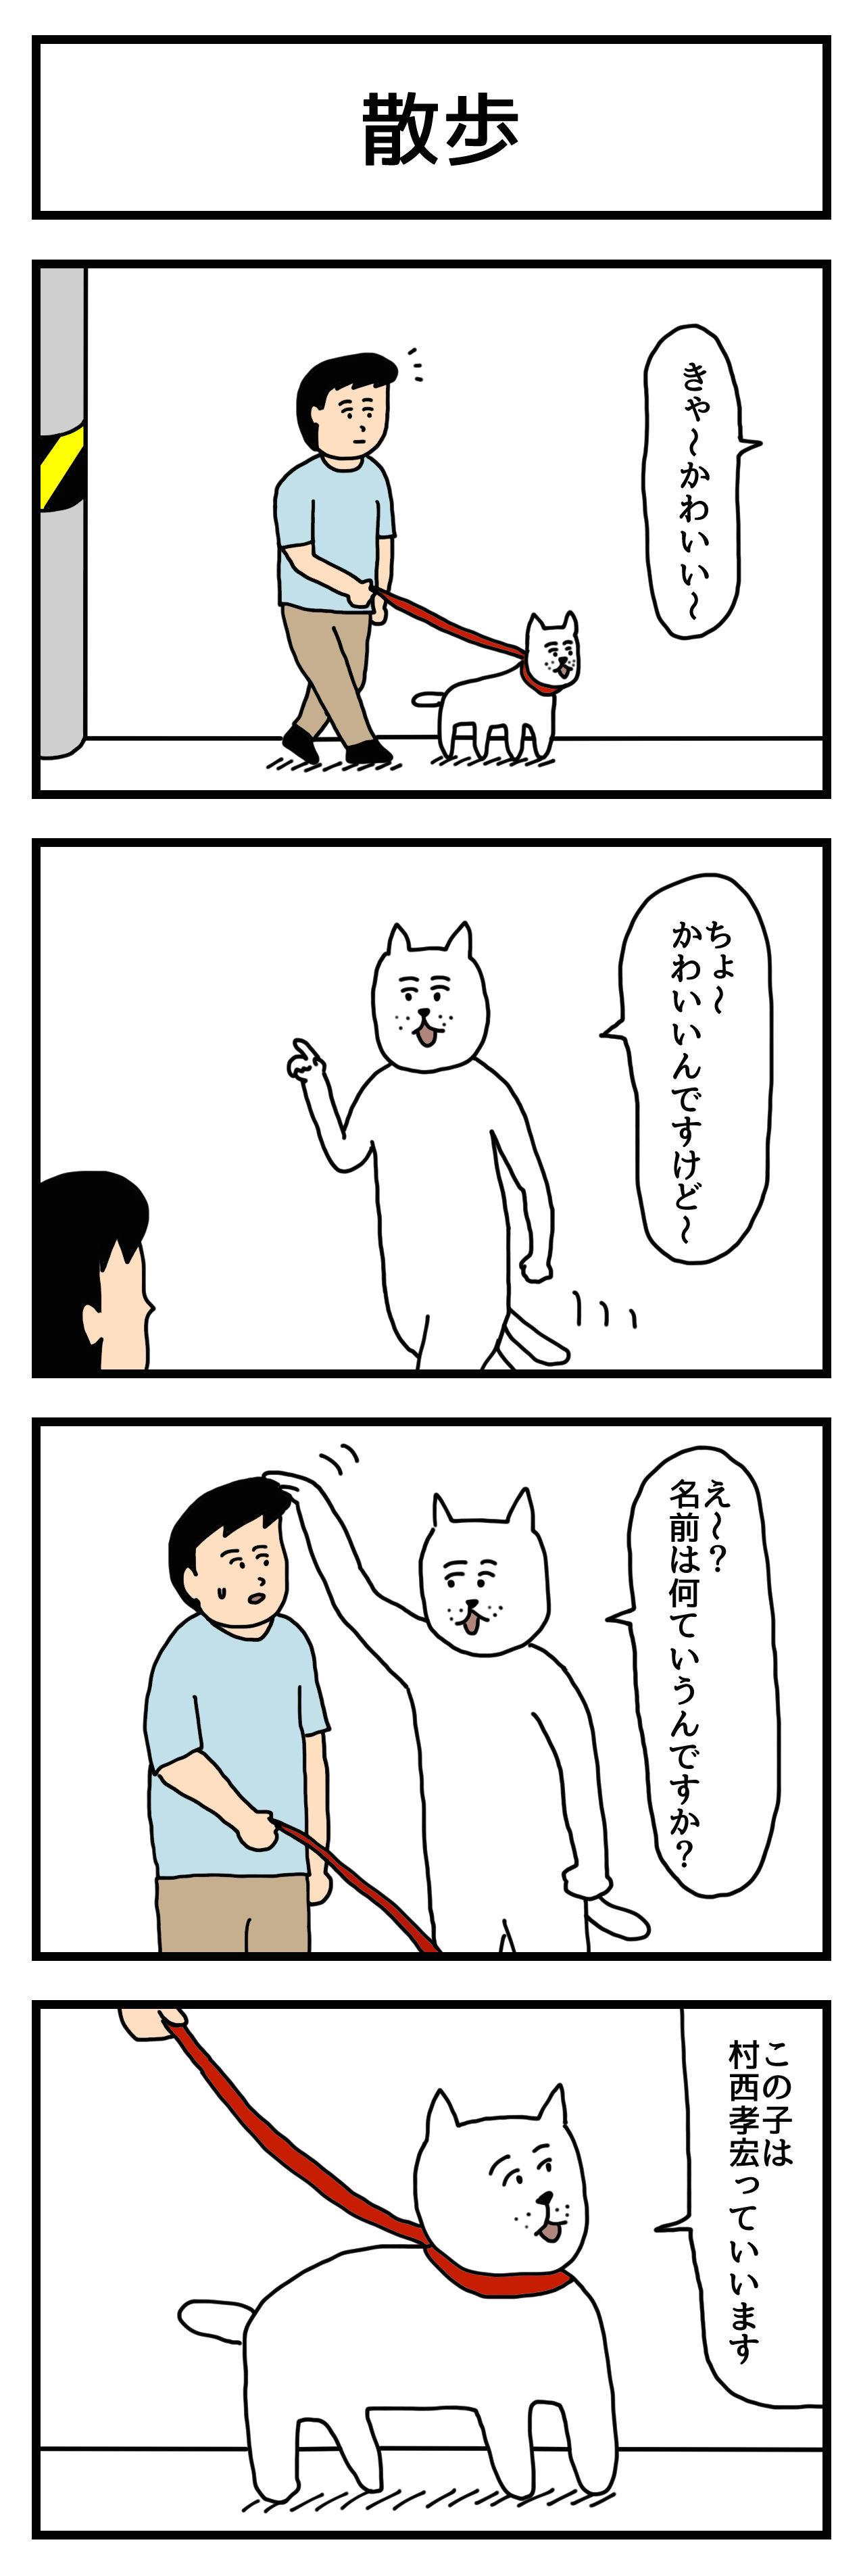 4コマ漫画「散歩」 : たのしい4...